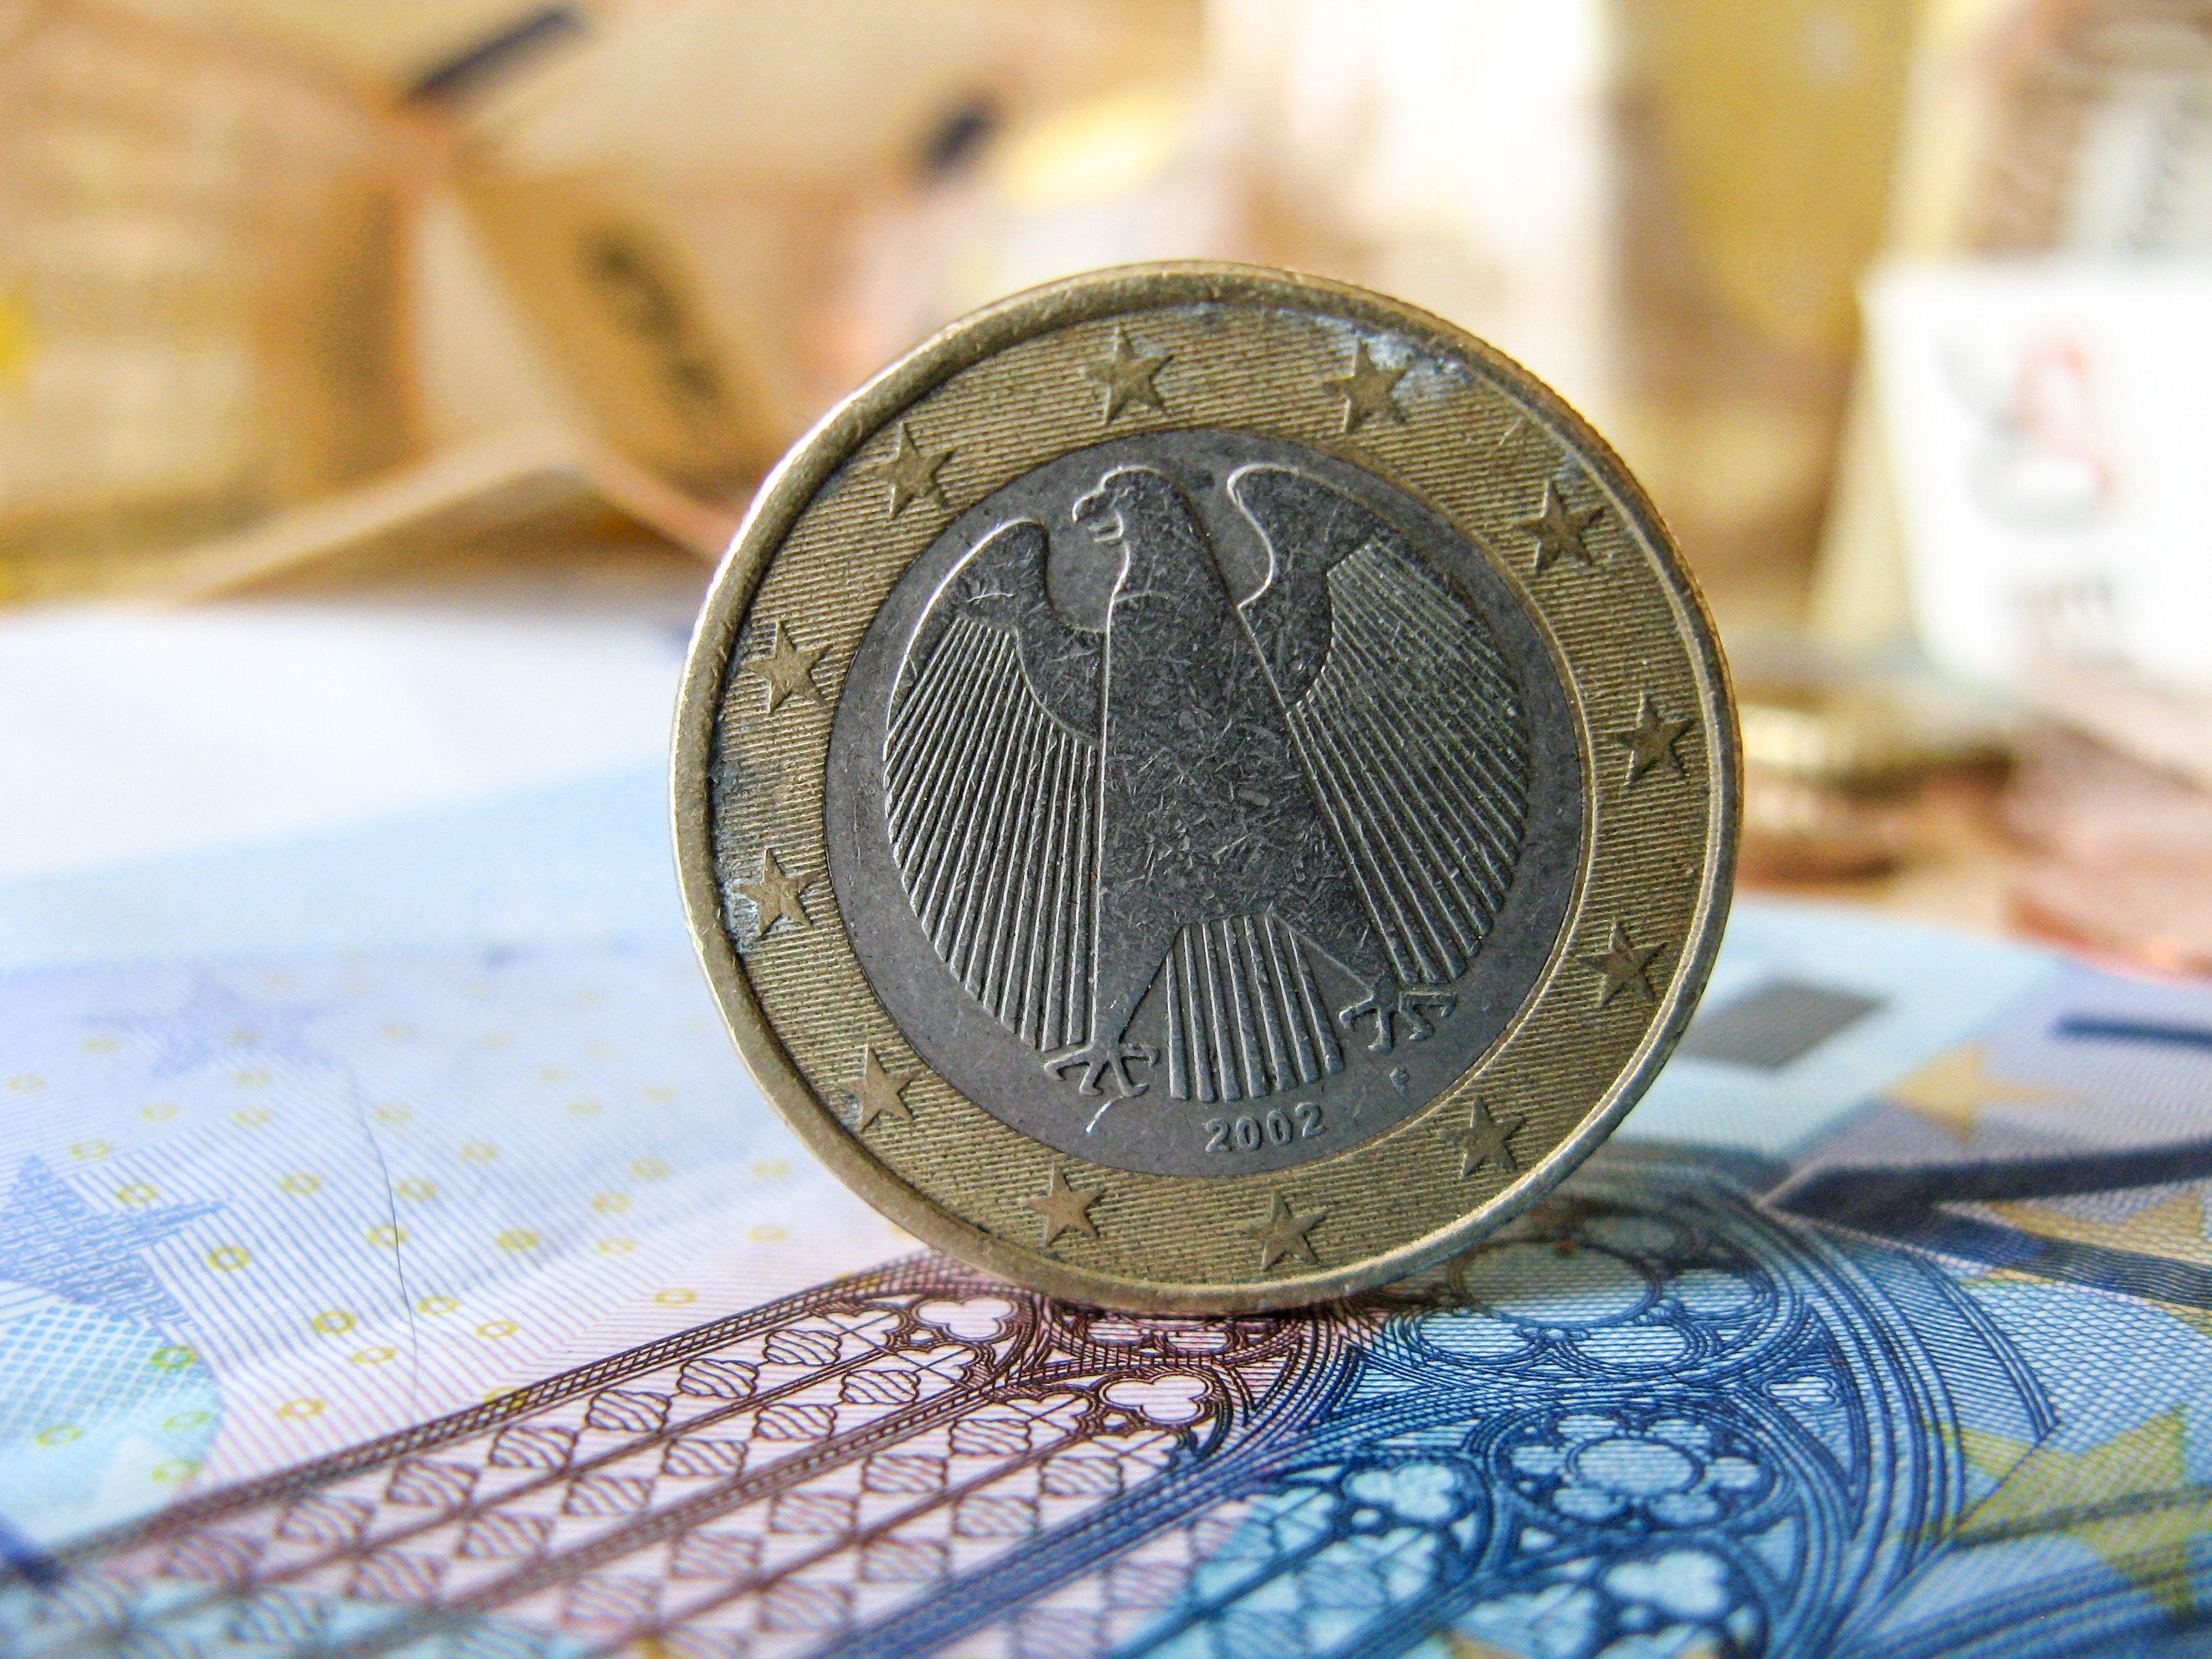 Lietuva papildė obligacijų emisiją, investuotojai norėjo paskolinti 7 kartus daugiau